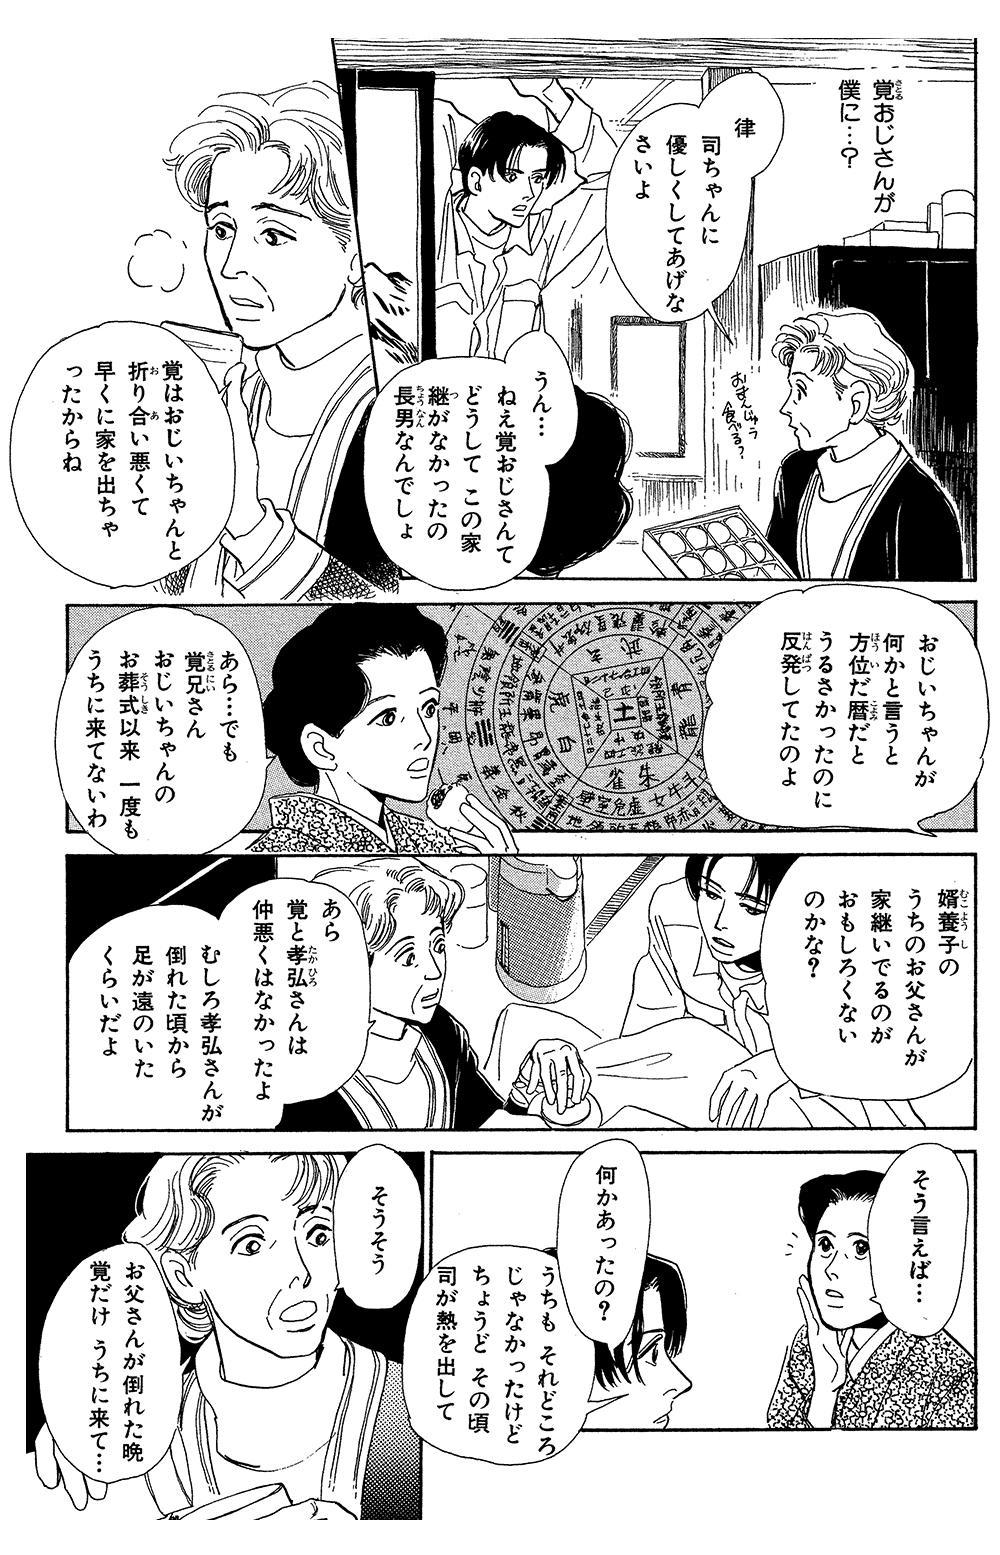 百鬼夜行抄 第1話「闇からの呼び声」④hyakki1-4-2.jpg